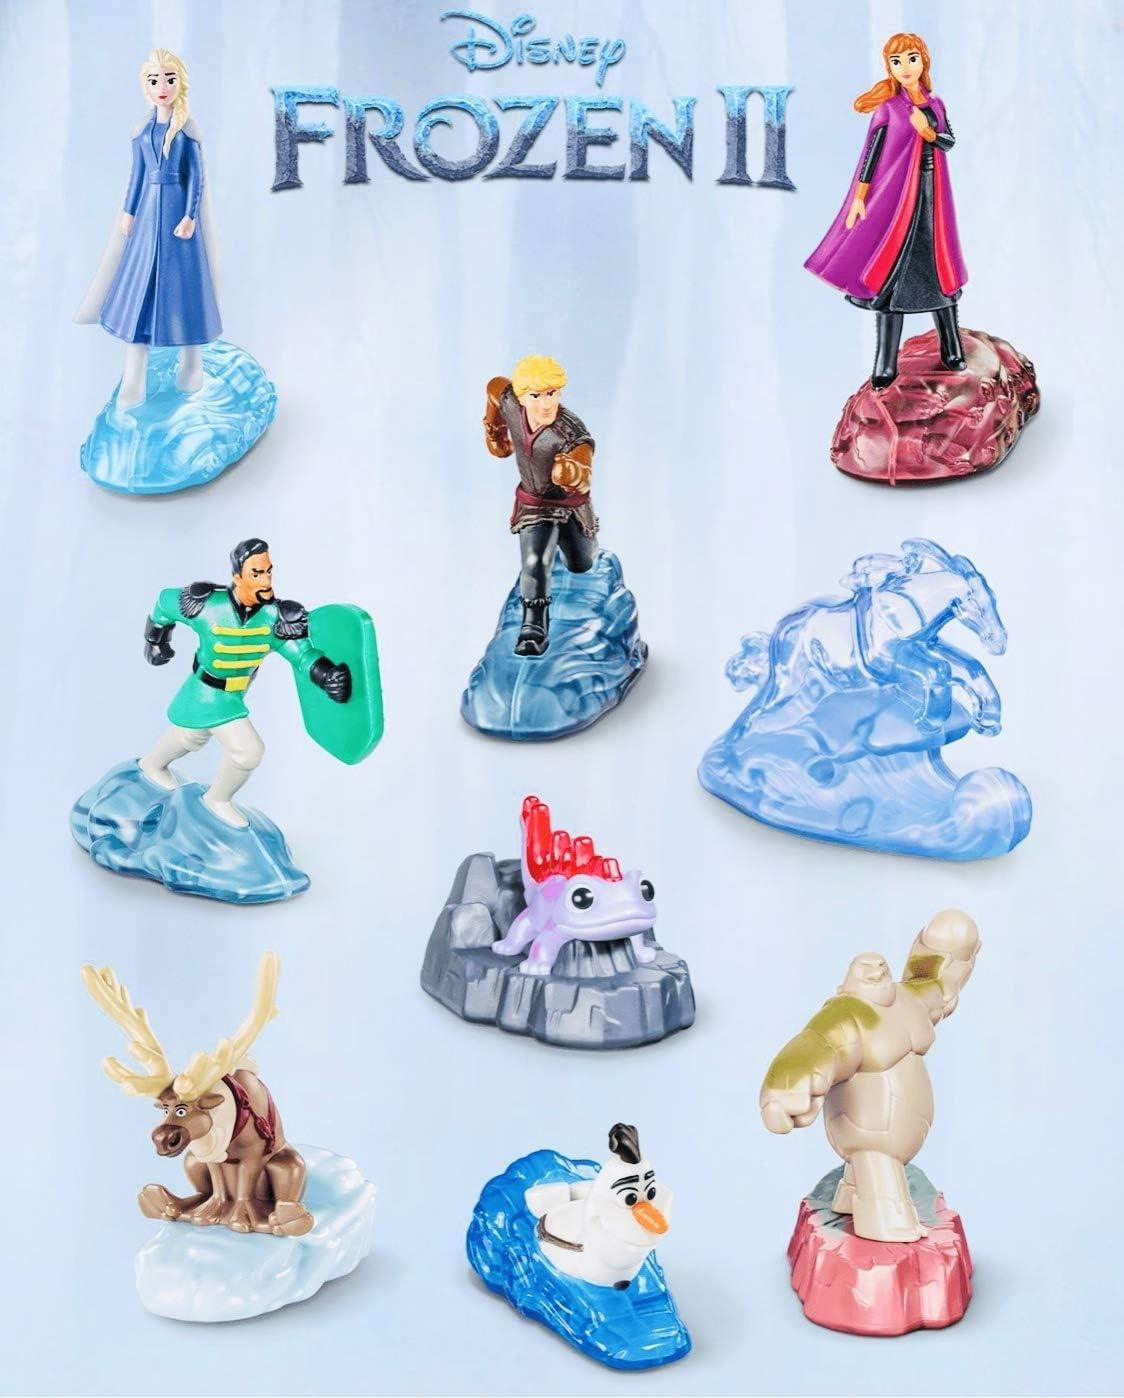 Frozen #6 Nokk 2019 mcdonalds happy meal toy